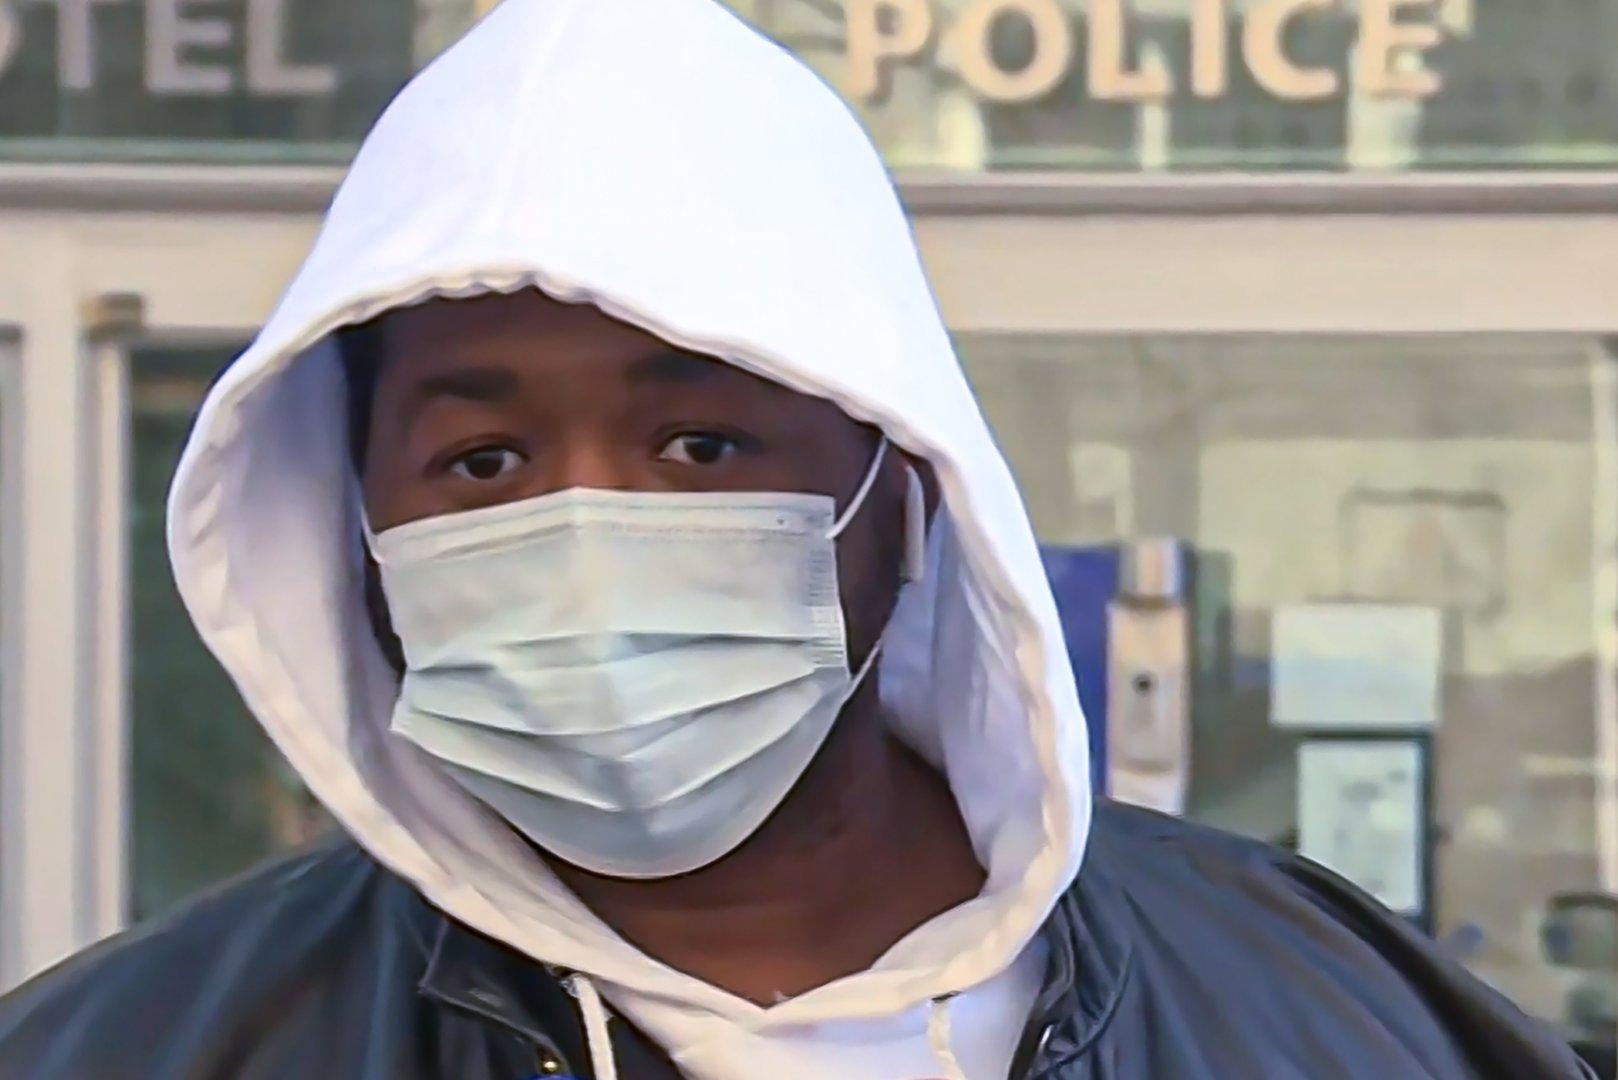 Rassismus und Polizeigewalt: Video schockiert Frankreich